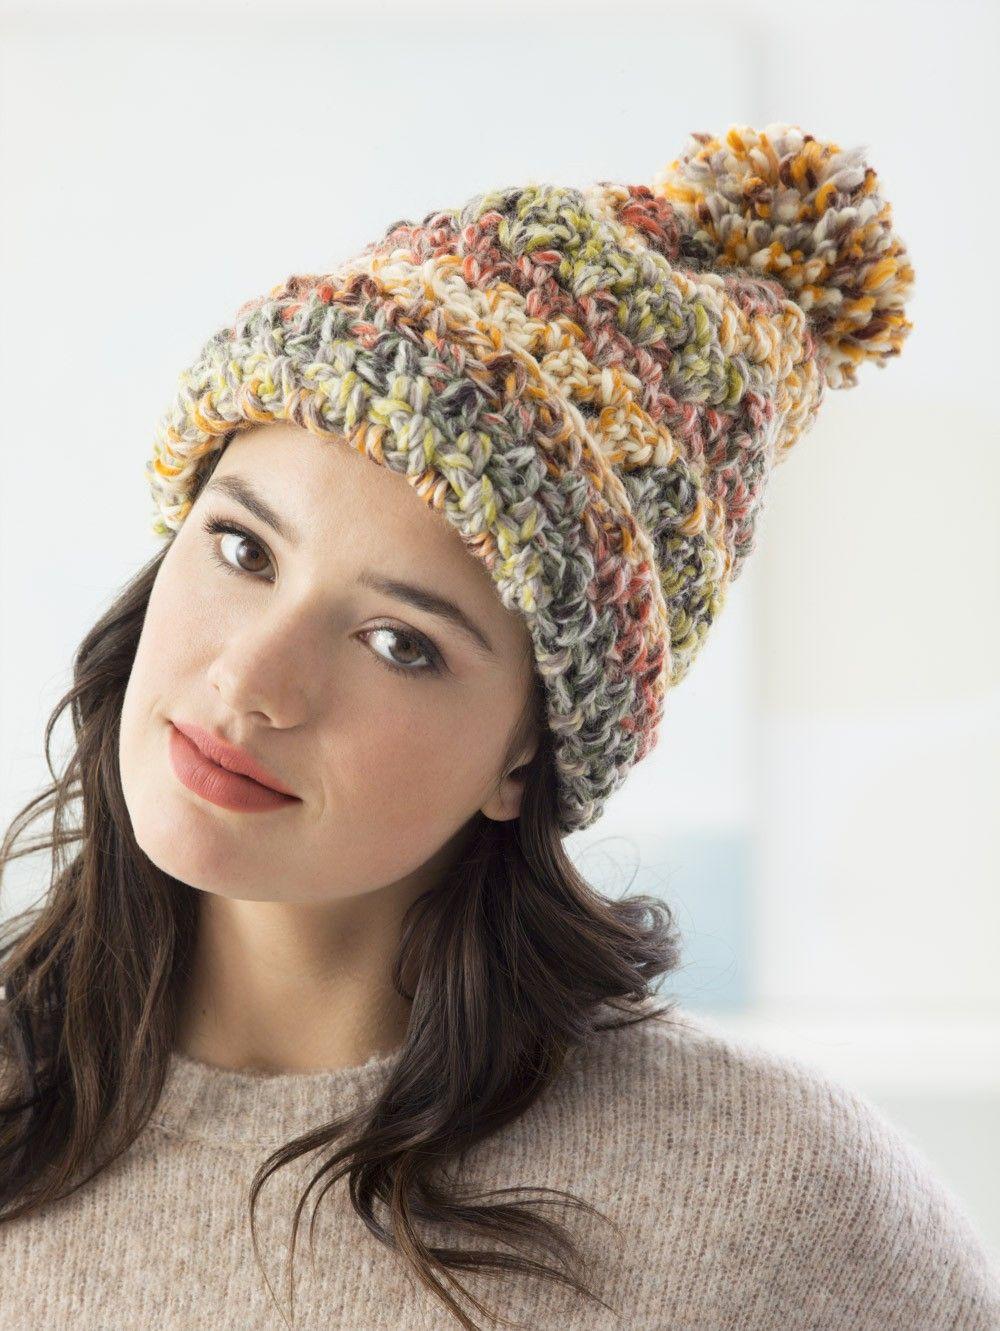 Best Woman Crochet Projects